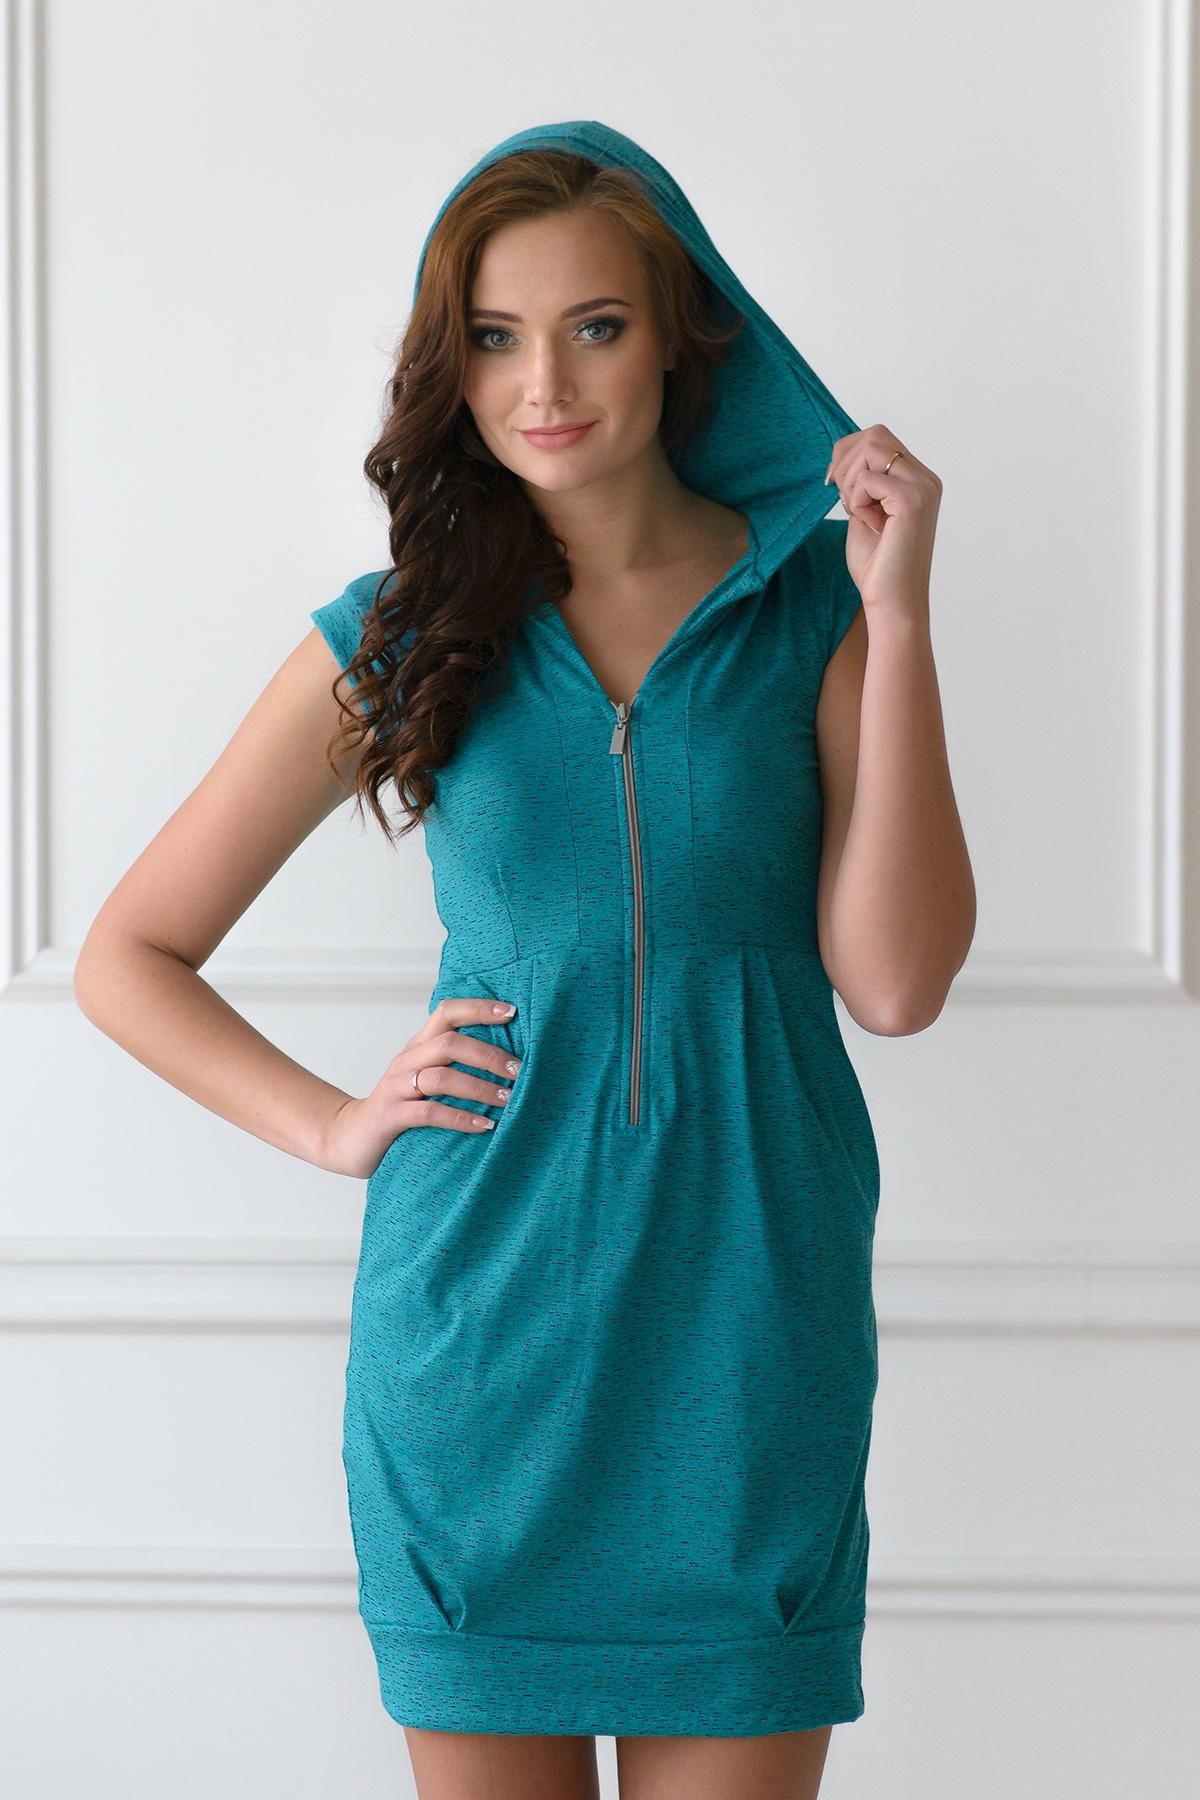 Жен. платье арт. 19-0108 Изумрудный р. 50Платья<br>Факт. ОГ: 98 см <br>Факт. ОТ: 88 см <br>Факт. ОБ: 106 см <br>Длина по спинке: 92 см<br><br>Тип: Жен. платье<br>Размер: 50<br>Материал: Трикотаж